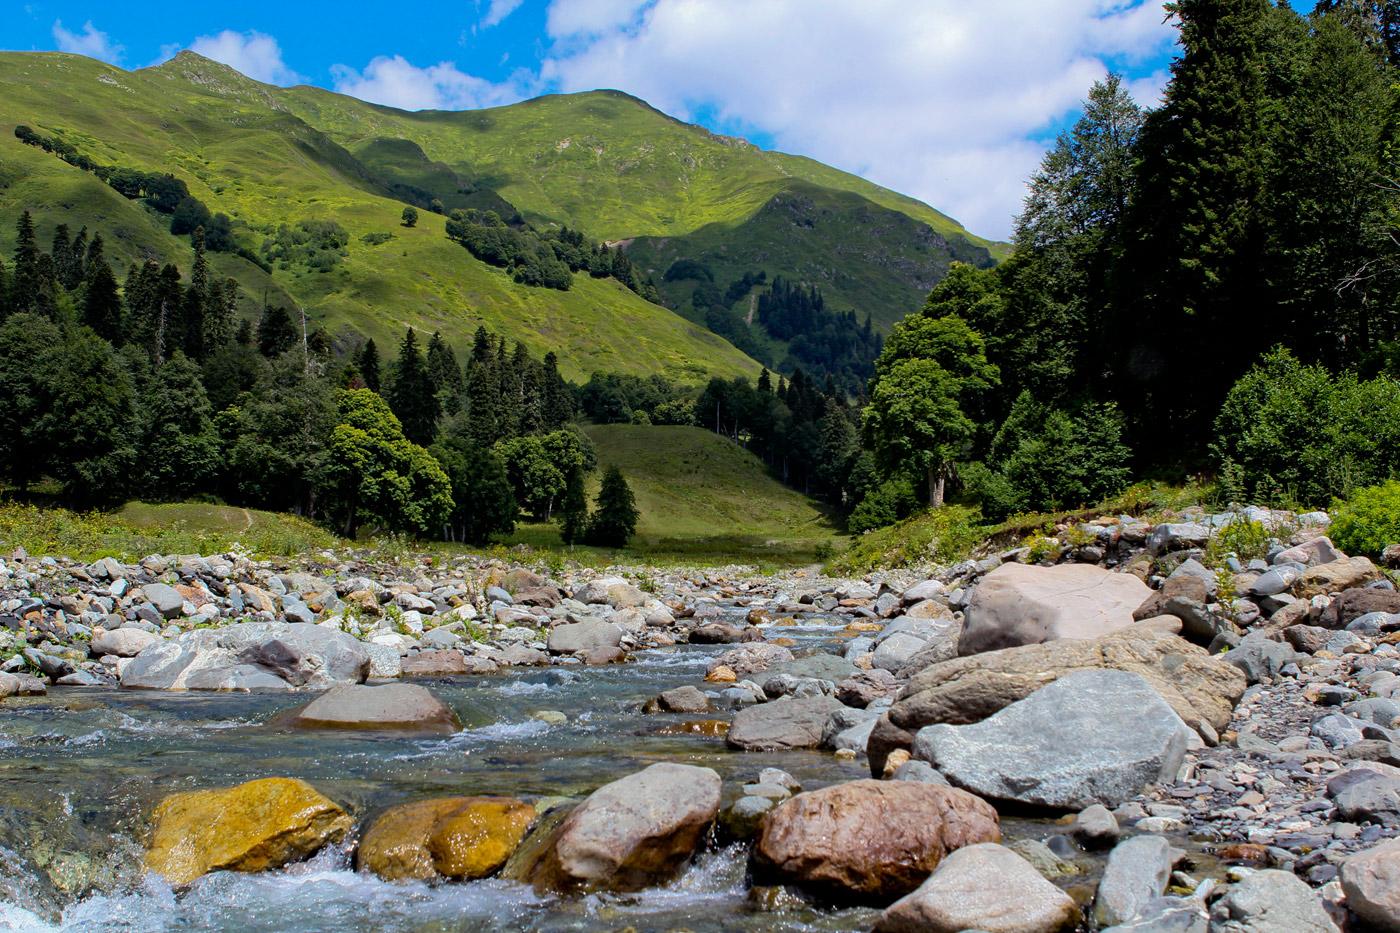 Переход реки вброд или когда река не преграда